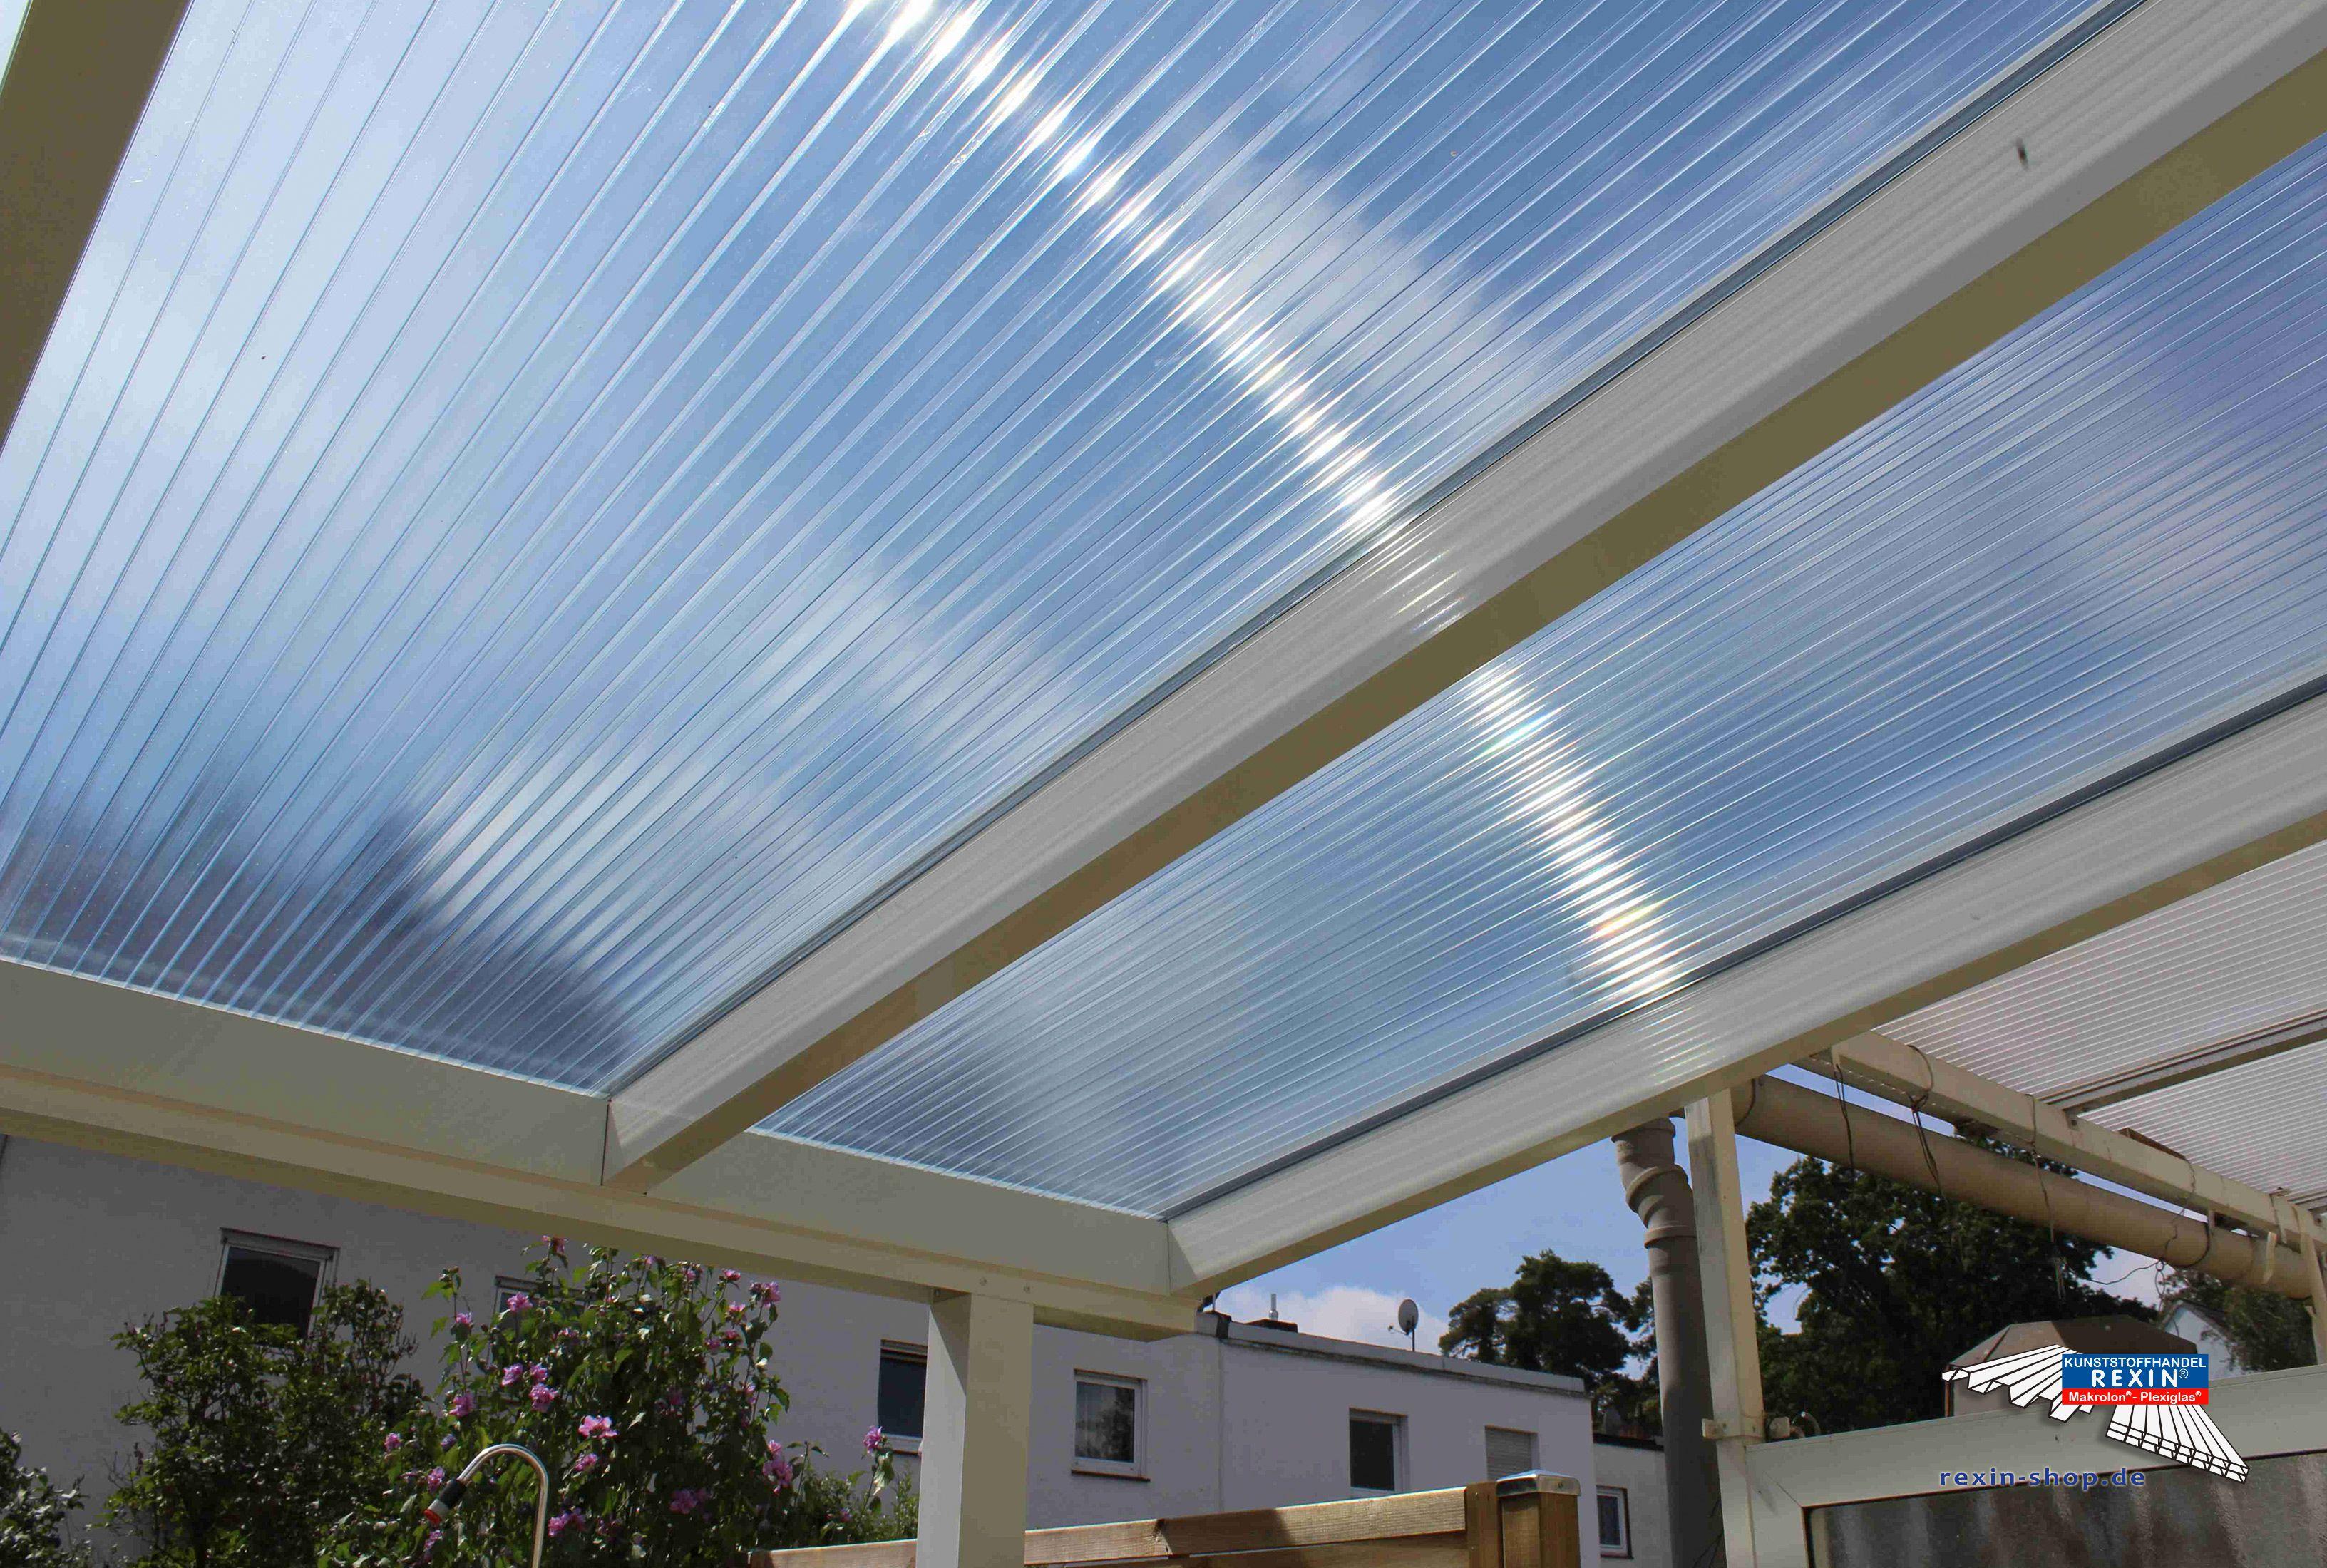 Alu Terrassendach Der Marke REXOpremium 7m X 3m In Weiß Mit Stegplatten  Makrolon CC Klar